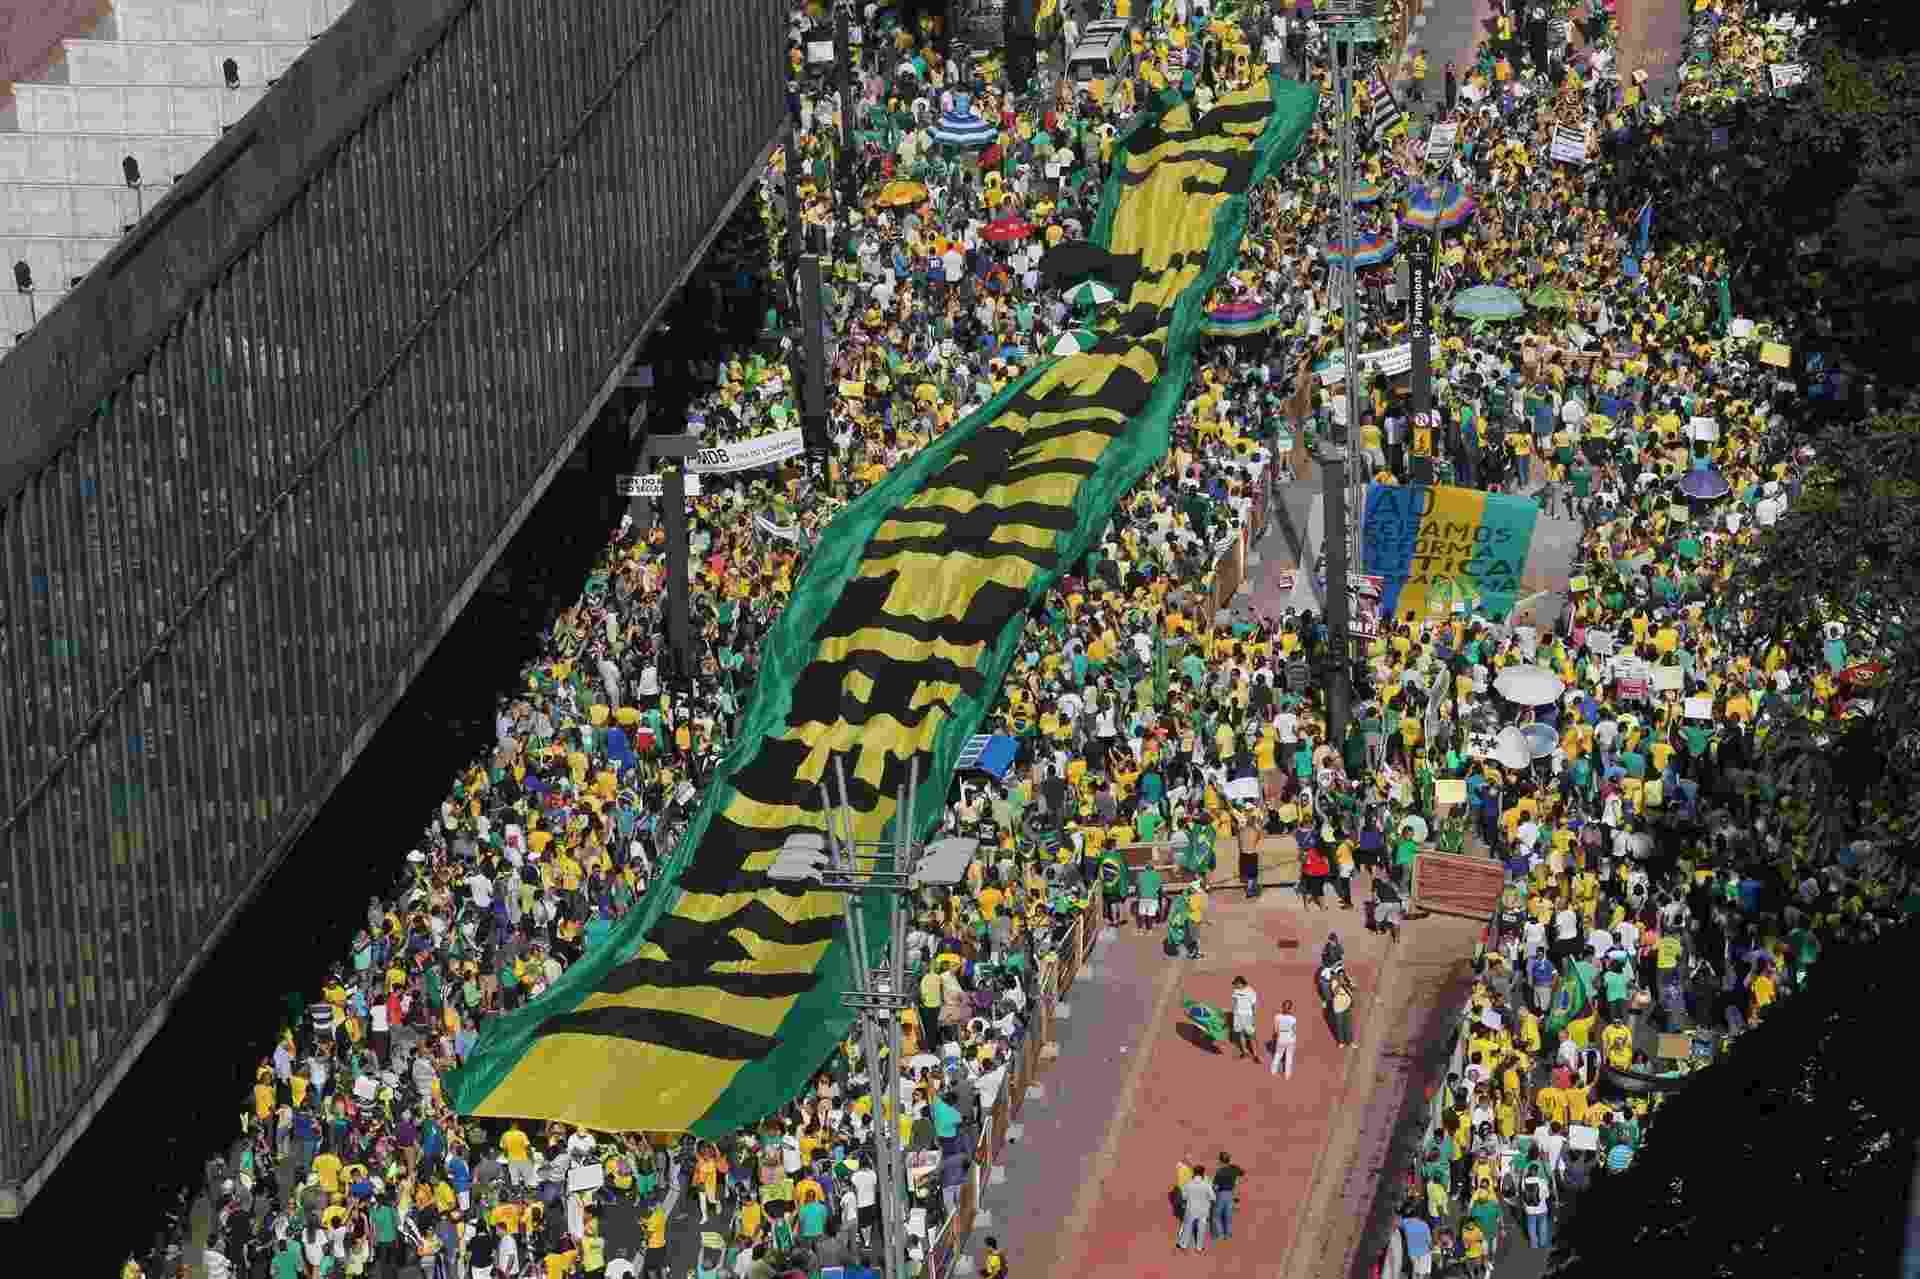 """12.abr.2015 - Manifestantes erguem faixa gigante com a frase """"Impeachment já"""" durante protesto contra o governo da presidente Dilma Rousseff, neste domingo (12), próximo ao Masp, na avenida Paulista, em São Paulo - Jorge Araújo/Folhapress"""